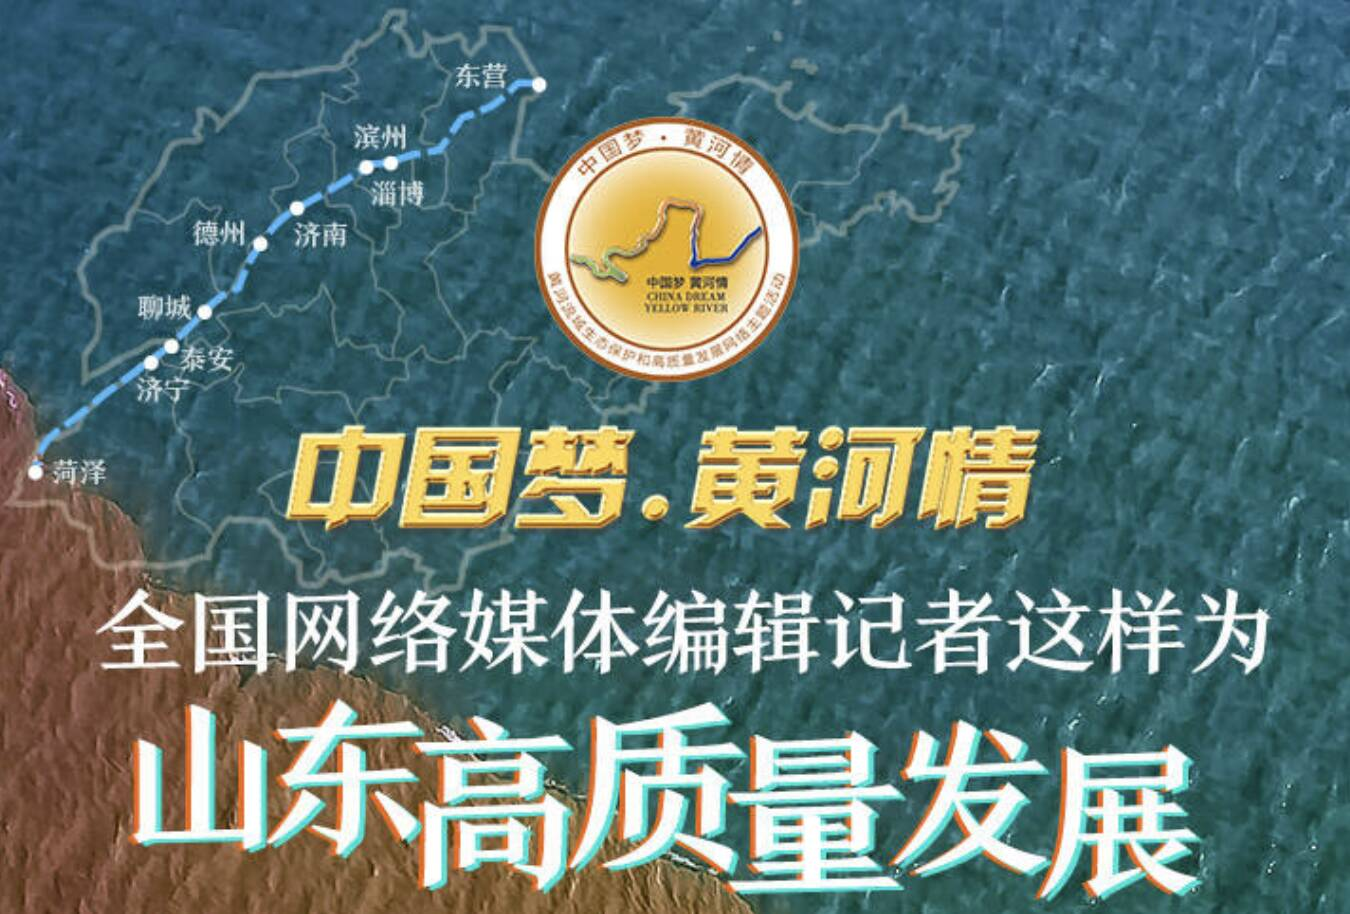 中国梦 黄河情|全国网络媒体编辑记者这样为山东高质量发展打call